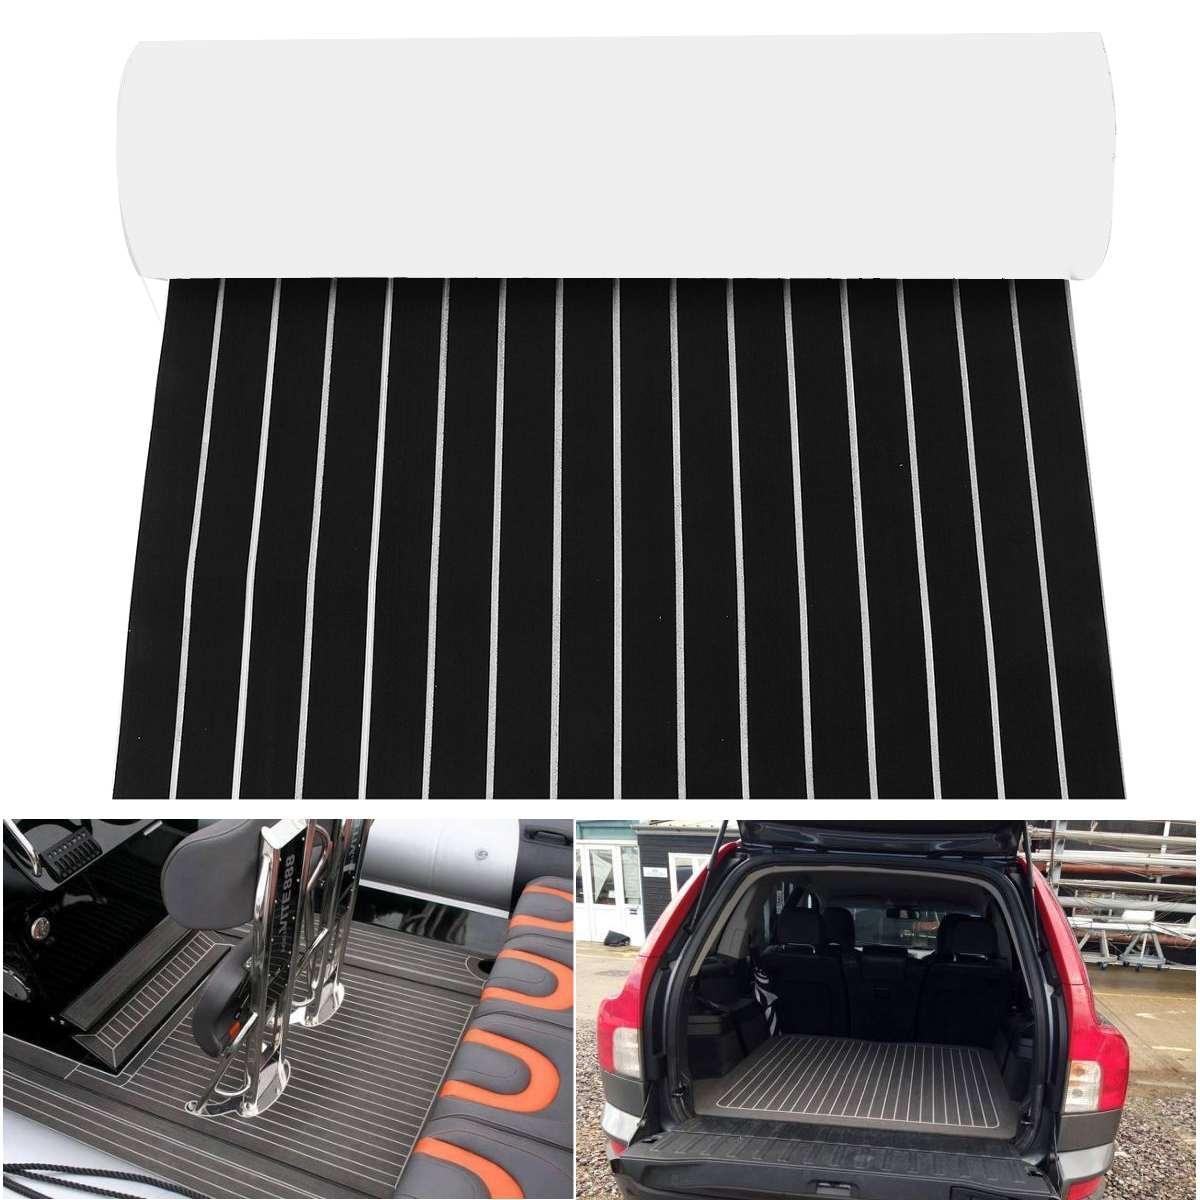 900*2400*6mm auto-adhésif EVA bateau Yacht Marine plancher Faux Imitation teck platelage feuille Pad mousse tapis de sol noir et blanc